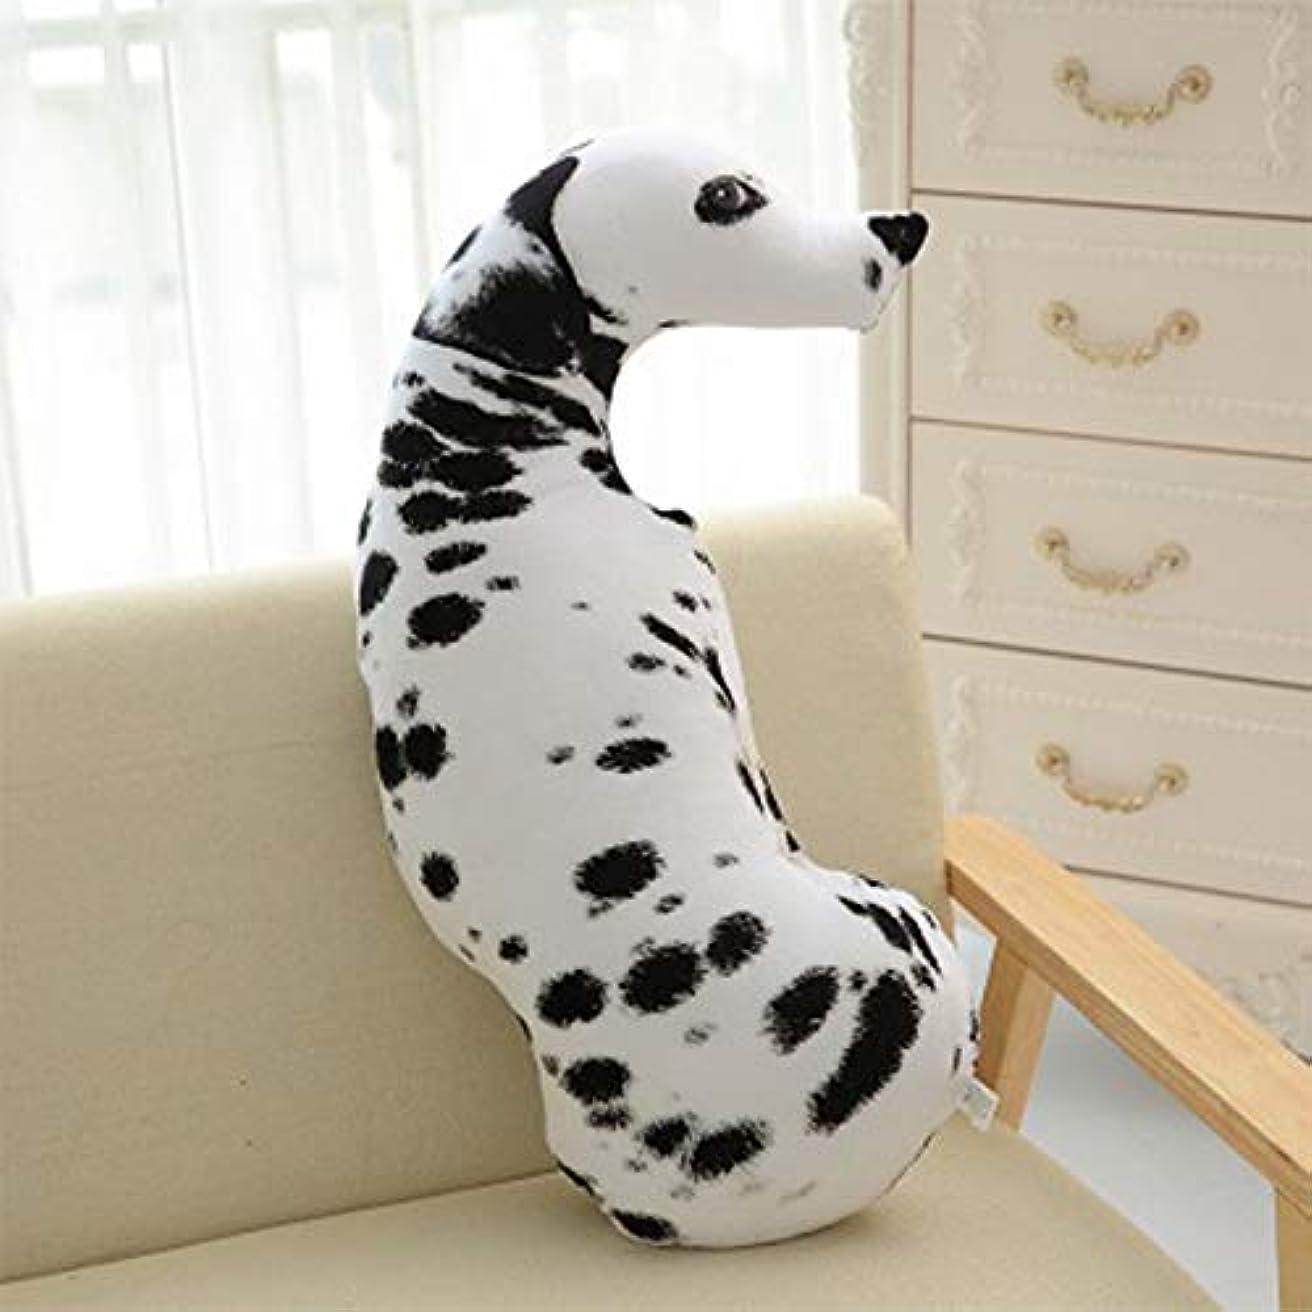 自信があるごめんなさい最初にLIFE 3D プリントシミュレーション犬ぬいぐるみクッションぬいぐるみ犬ぬいぐるみ枕ぬいぐるみの漫画クッションキッズ人形ベストギフト クッション 椅子